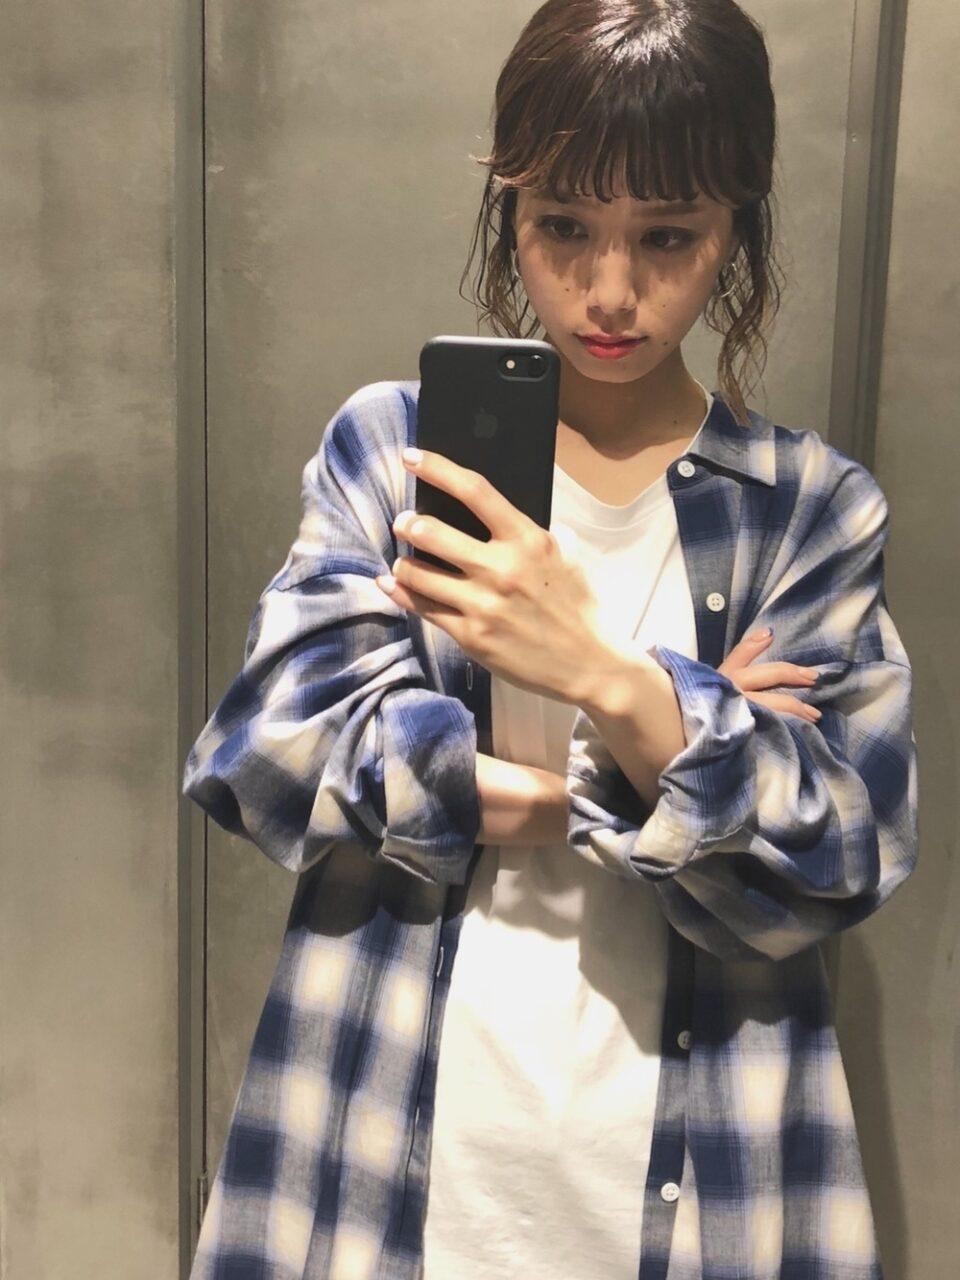 チェックシャツのコーデに困ってます。野暮ったいを卒業する、垢抜けスタイル20